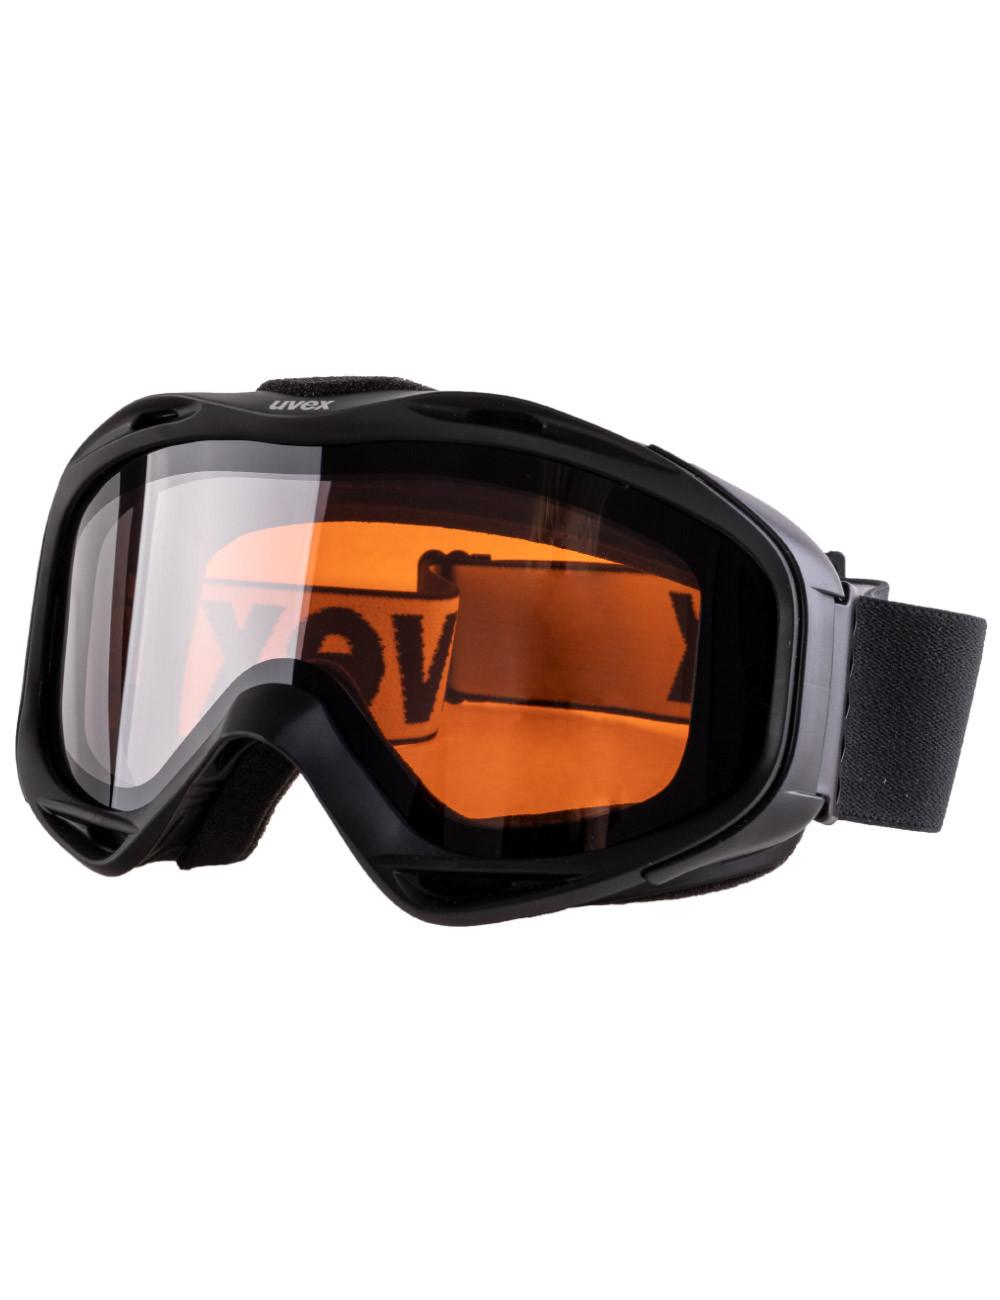 Gogle narciarskie Uvex G.gl 300